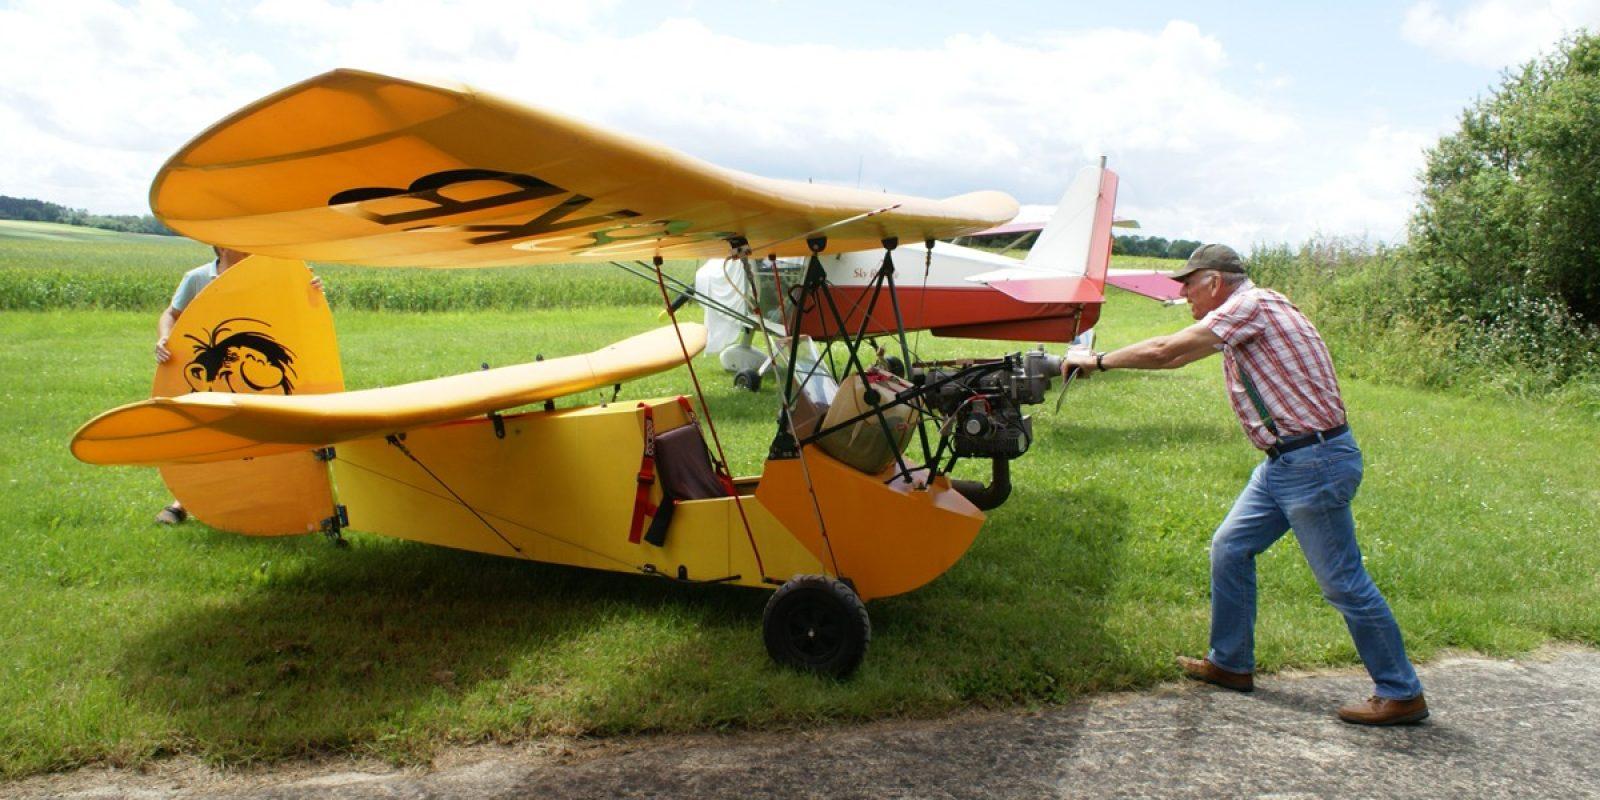 Louis Lempereur est le fils de Nicolas, inventeur du moteur Saroléa pour avions légers avant la guerre 1940-45. Celui-ci a acquis en 2017 le très beau Pou HM 14 construit par Sébastien Niel.